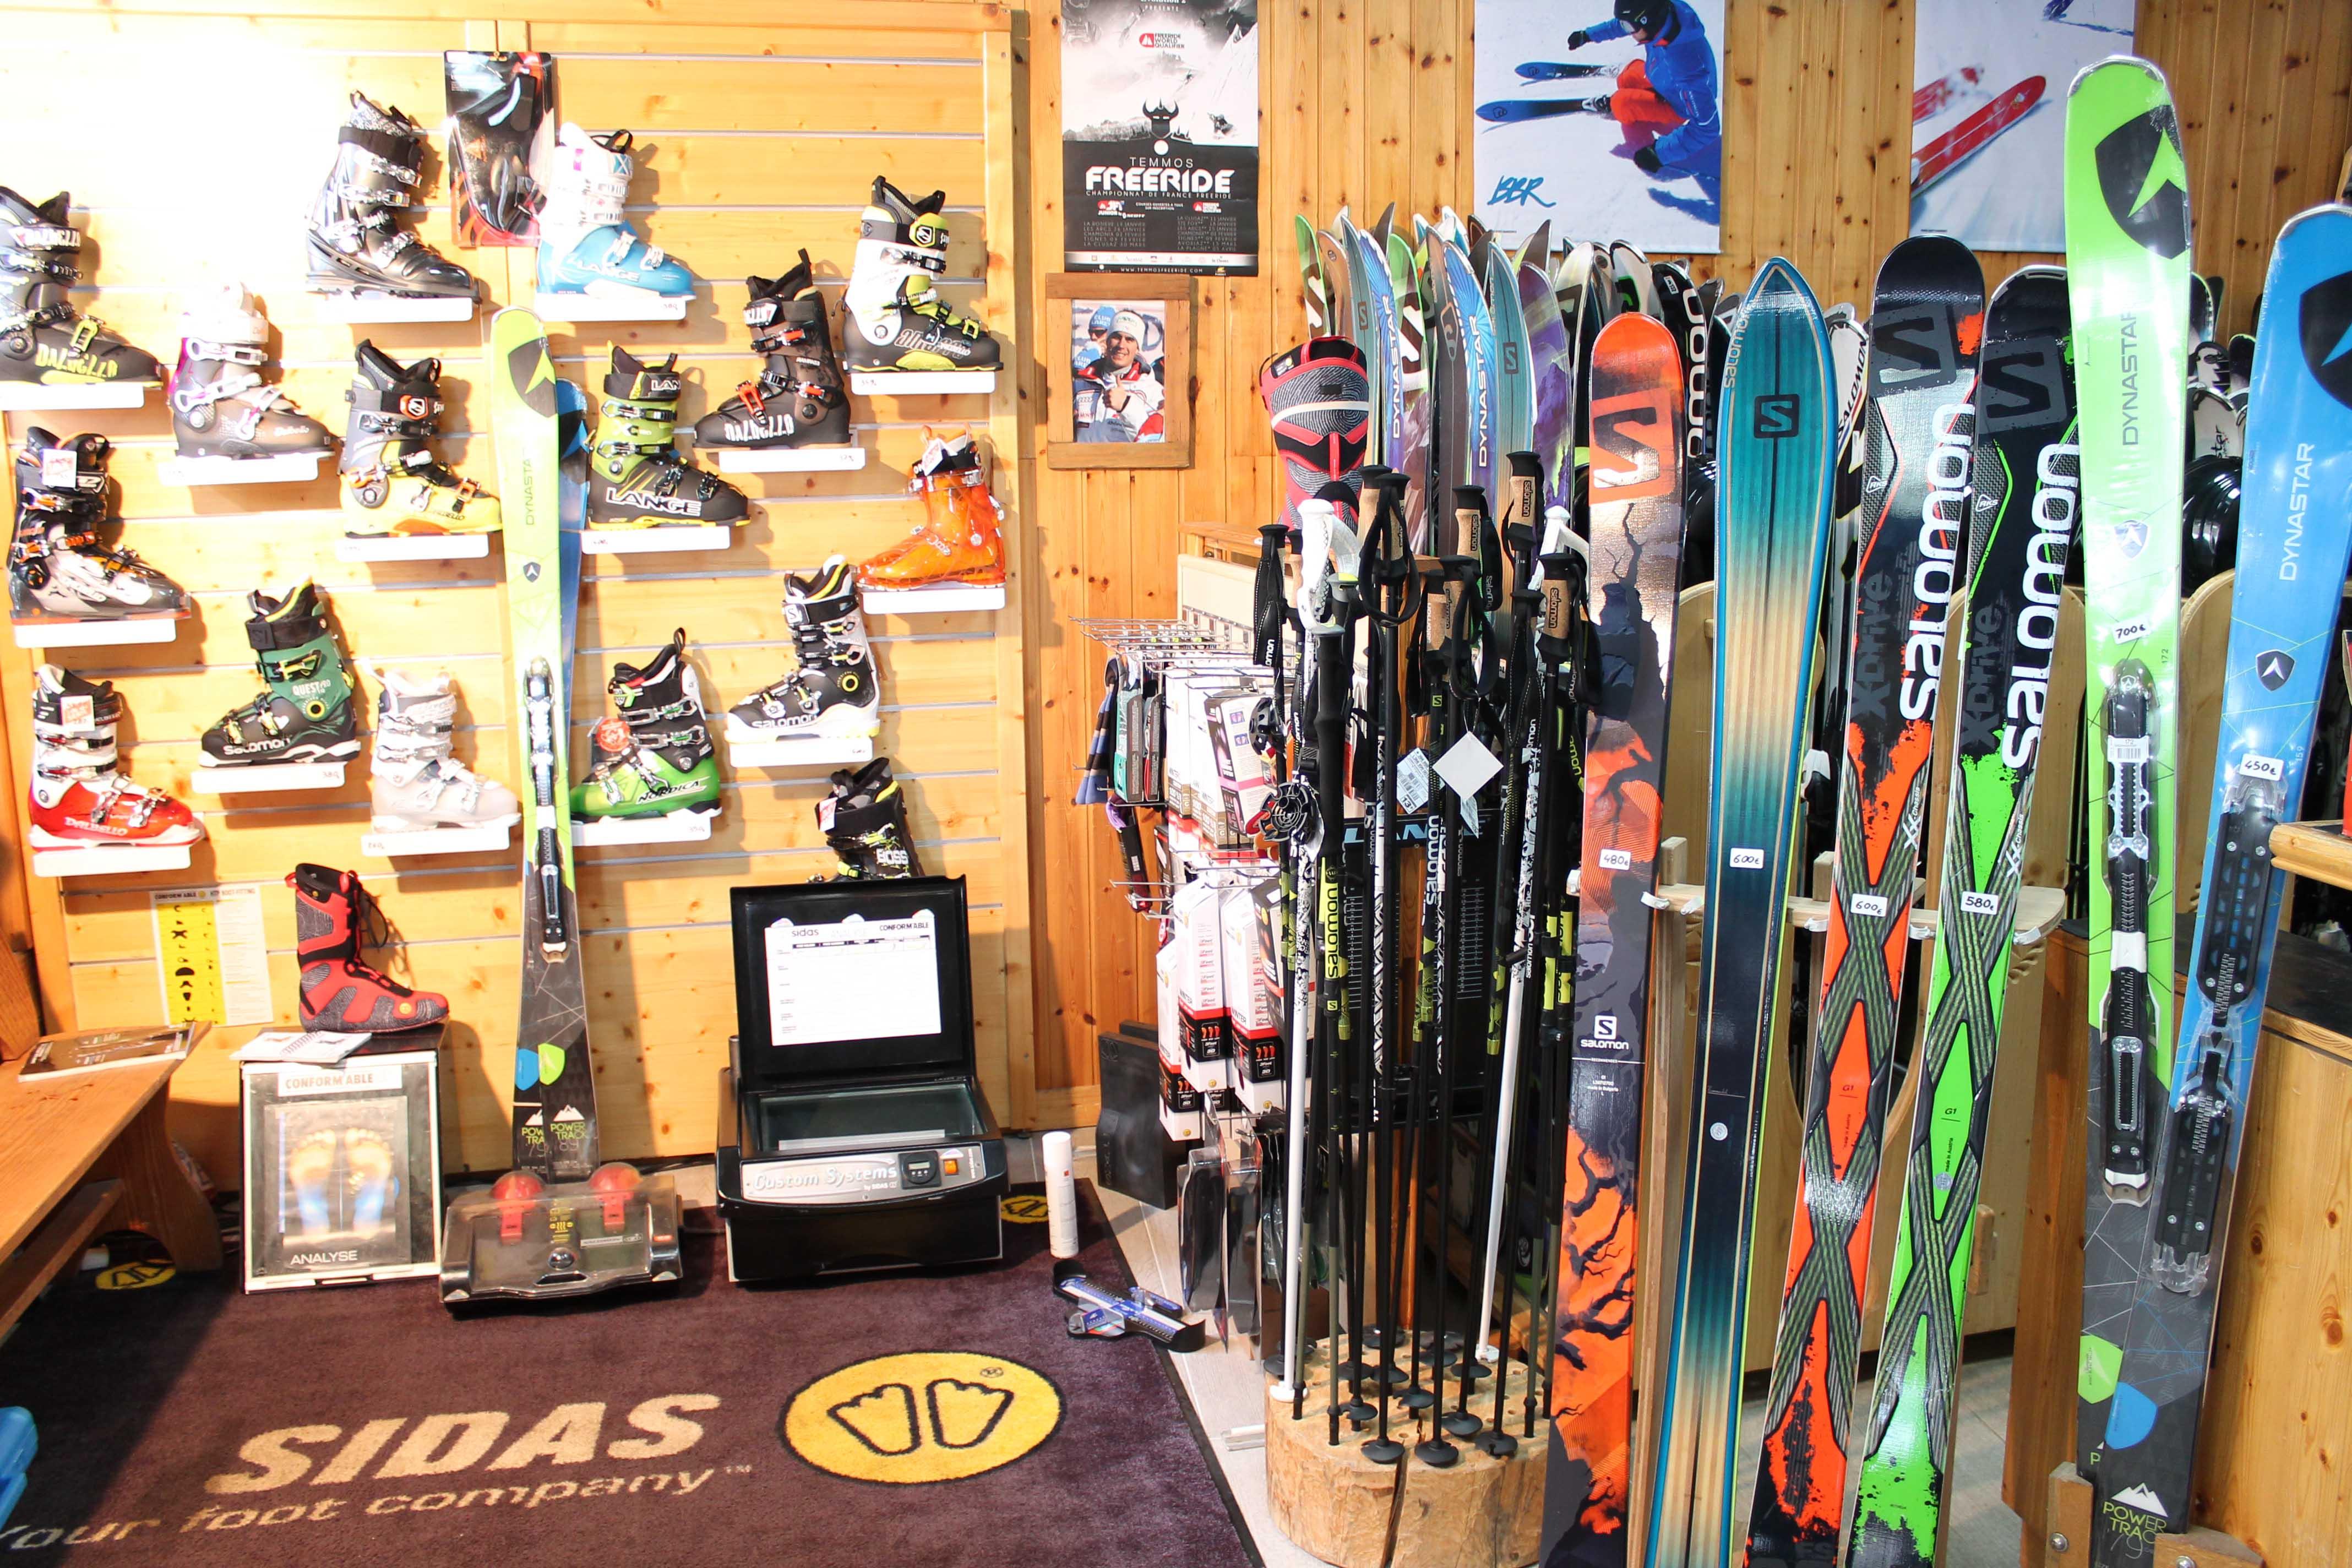 Trouver un magasin de ski avec de bons prix